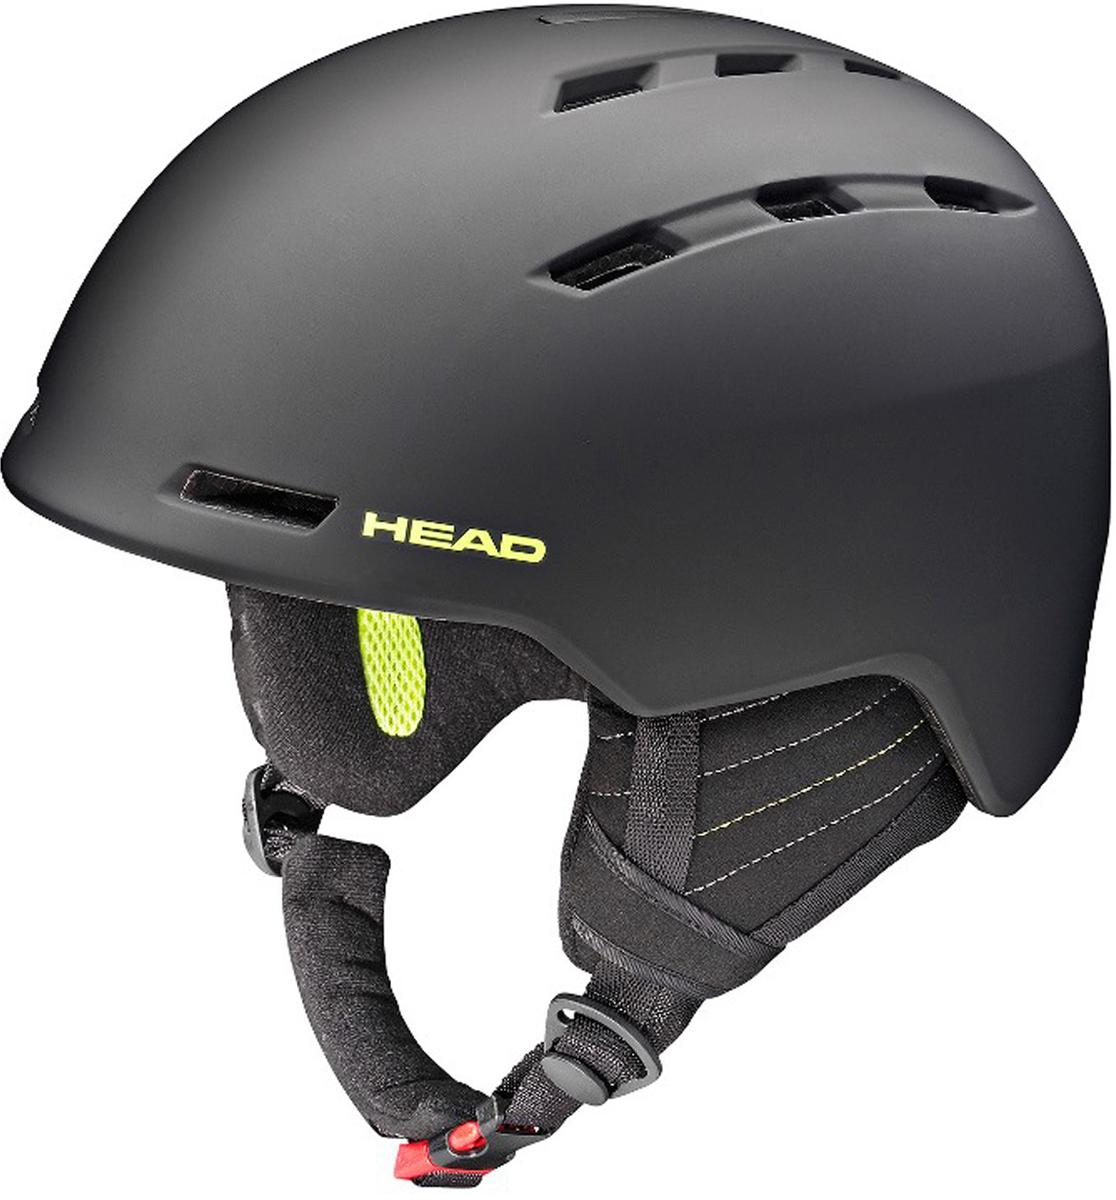 Шлем горнолыжный/сноубордический HEAD VICO. Размер M/L (56-59)324557 (M/L)Лучшие из лучших! Бестселлер в коллекции HEAD. Его отличительная особенность - экстремально малый вес и супер удобная посадка на голове. Построена по уже известной технологии горячей прессовки, имеет отличную вентиляцию по периметру и вентиляцию маски. ОСОБЕННОСТИ:- Облегченный ABS,- Вентиляция Thermal,- Вентиляция маски,- Подкладка из микрофлиса,- Регулировка размера HEAD 3D Fit,- Эргономический воротник с регулировкой положения на шлеме,- Сертификат CE EN 1077:2007 Class B,- Вес: m/l 420 г.